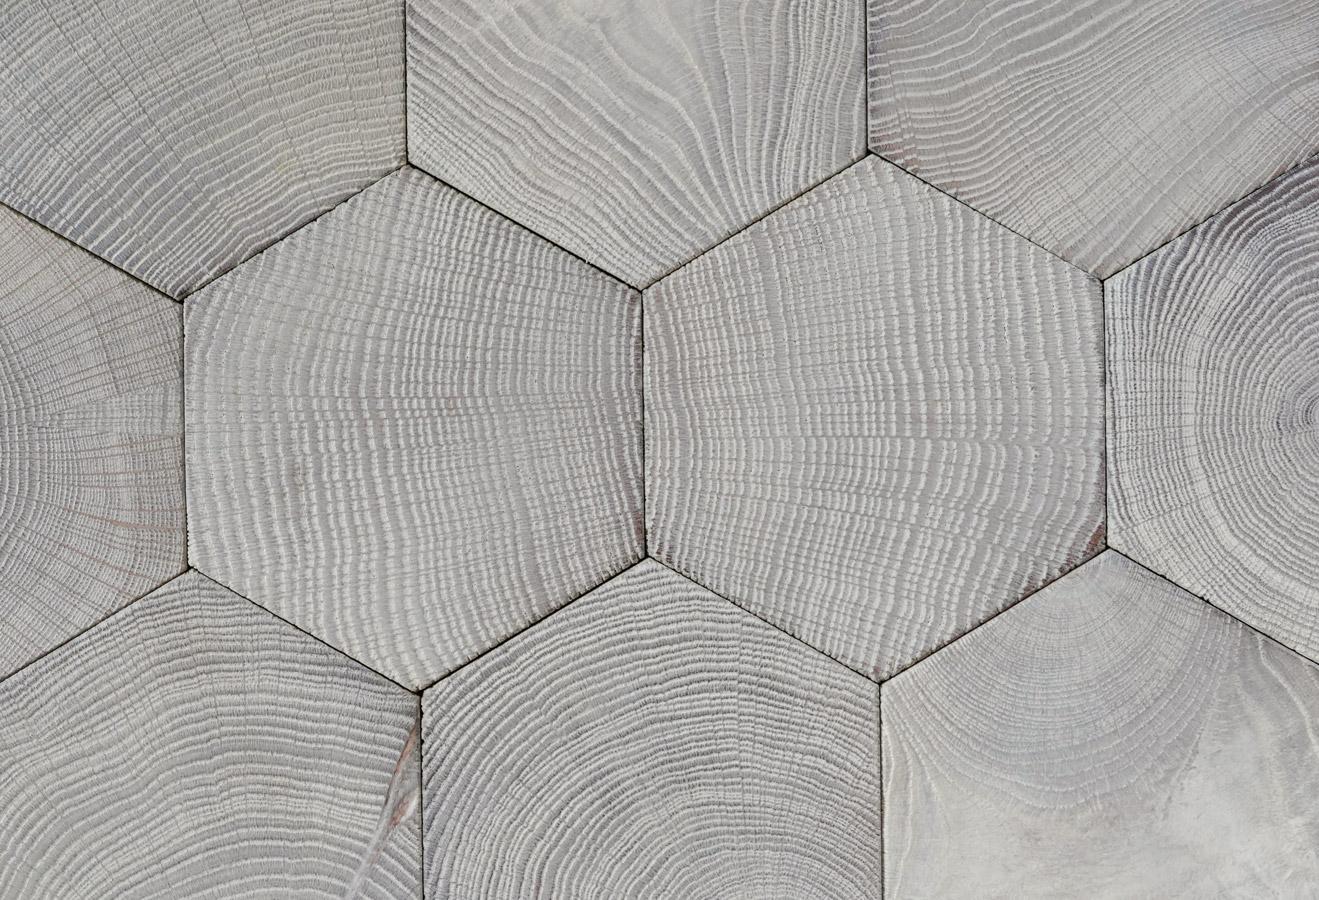 Parquet Floor Hexagon End Grain Wood Blocks In Oak Gray